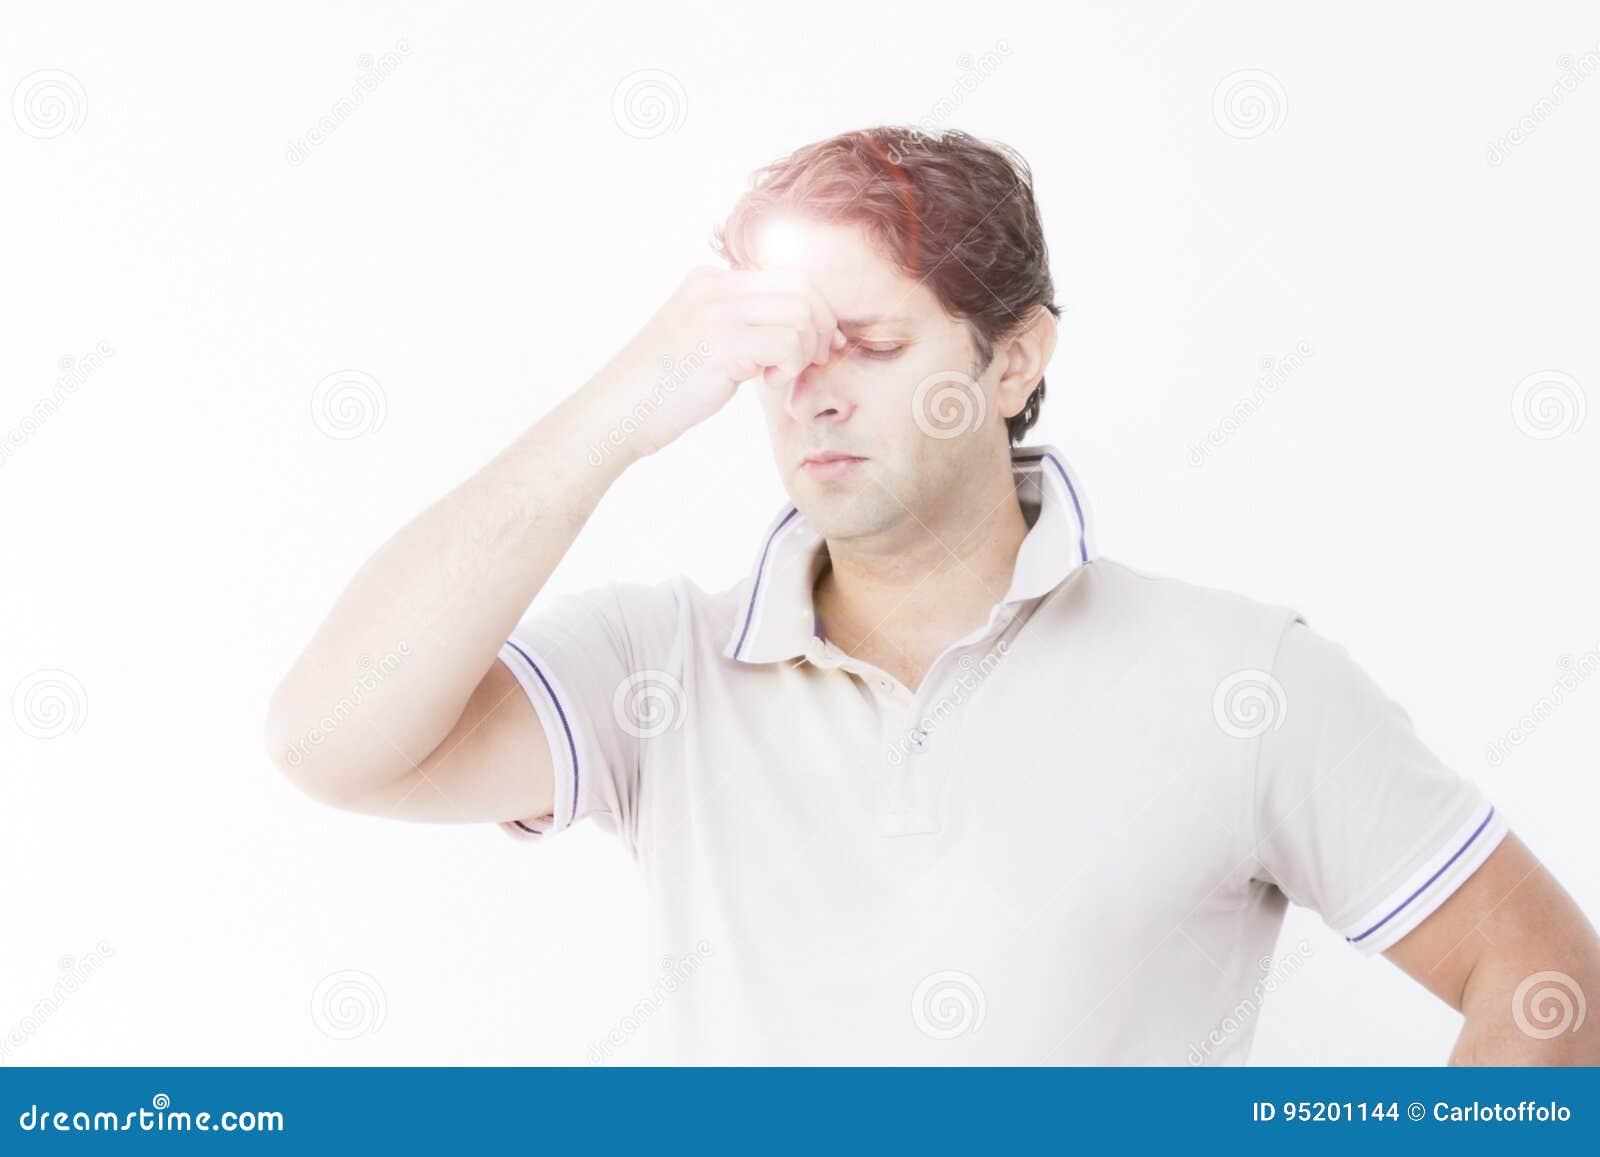 hoofdpijn tussen de ogen